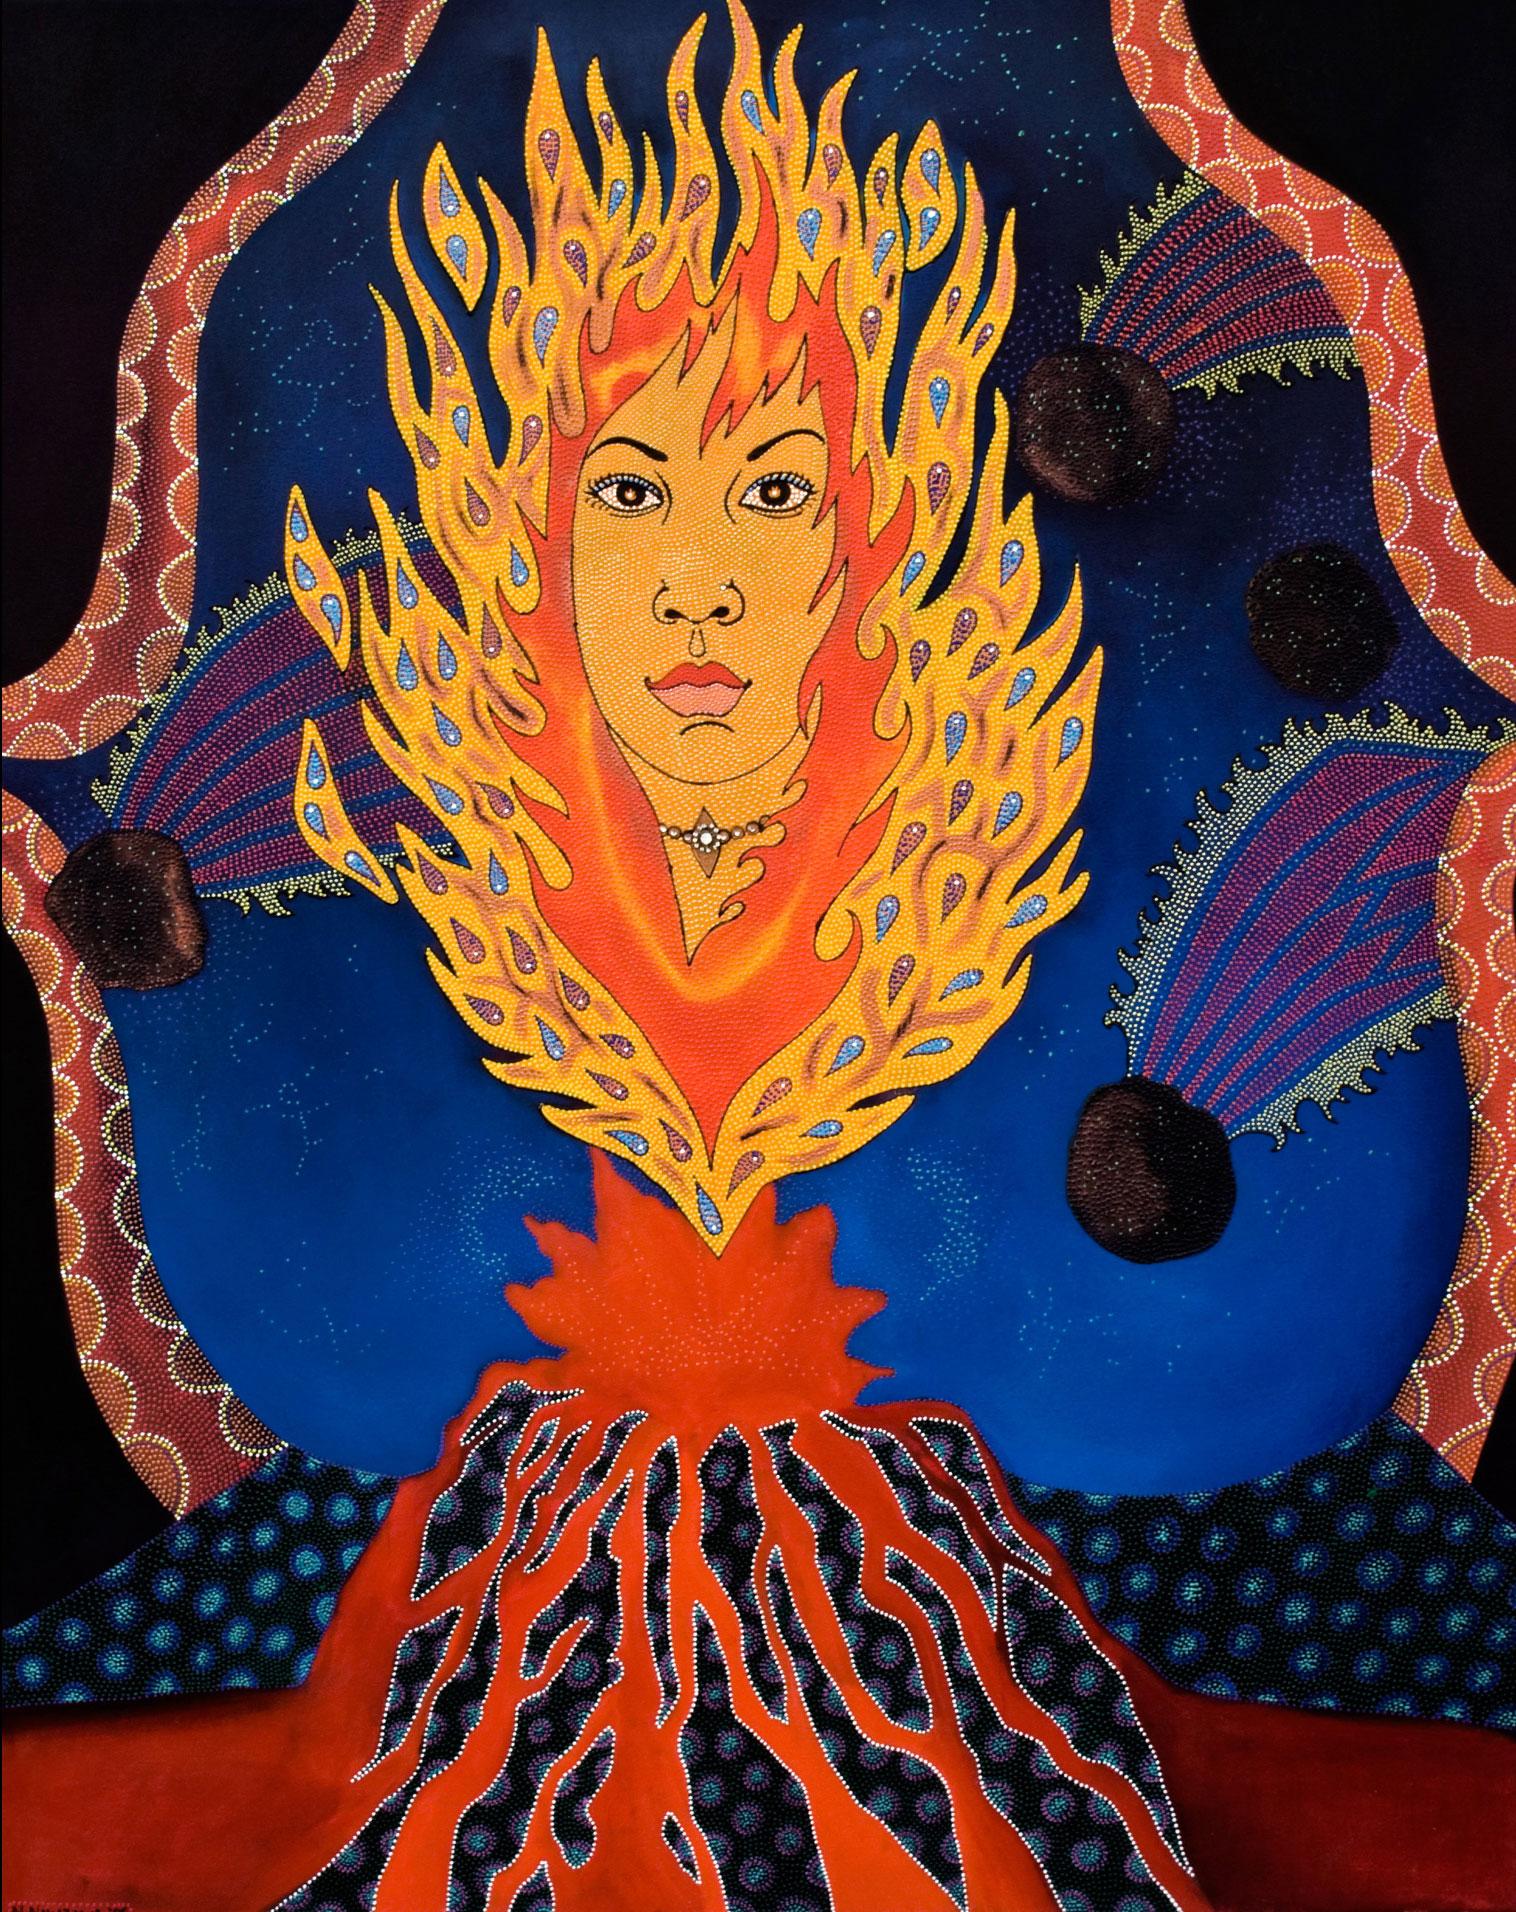 """Pu'u'O'o,2006 Oil, acrylic and jewels on canvas 61"""" x 49"""""""